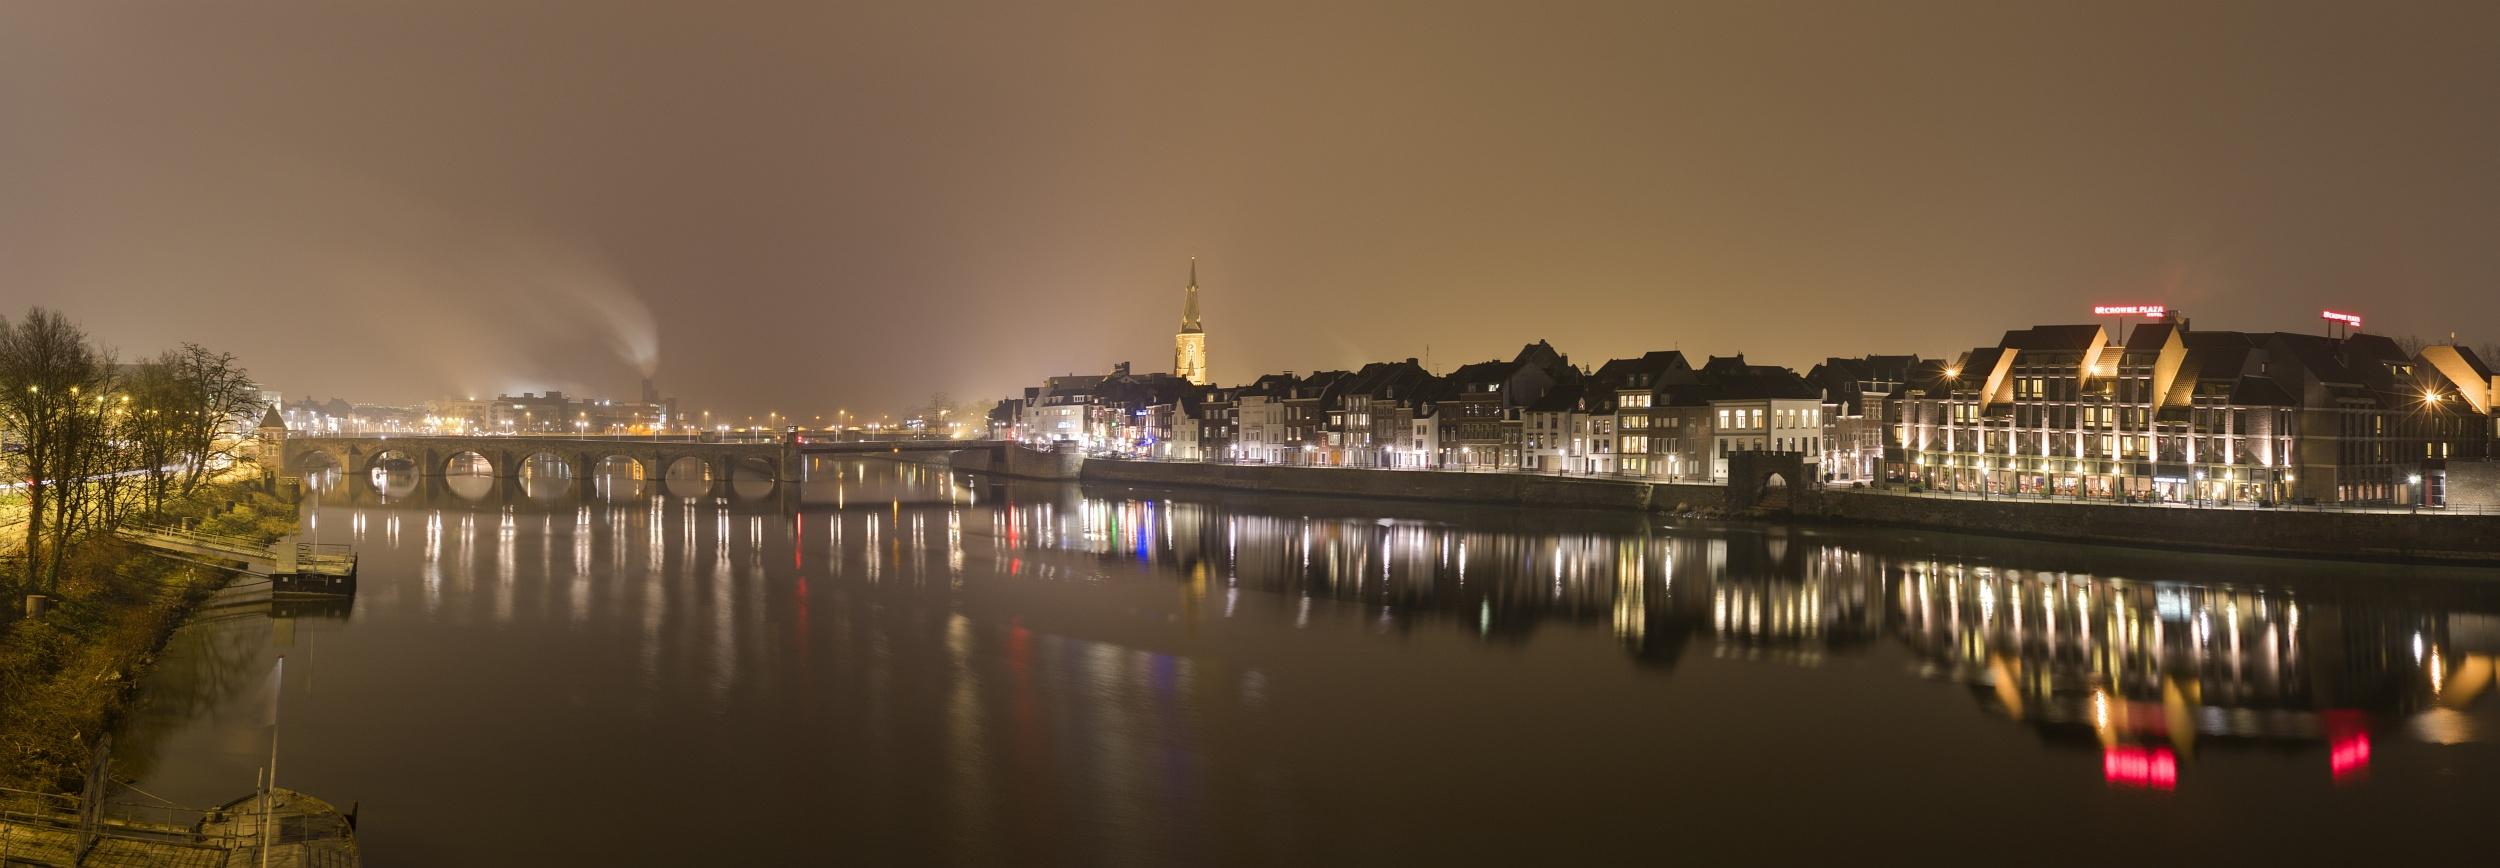 http://www.eifelmomente.de/albums/Nordeifel/Winter/2011_01_29-30_Nachtaufnahmen_Maastricht/2011_01_29_-_016_Maastricht_Maasufer_DNG_DRI_Pano_bearb.jpg